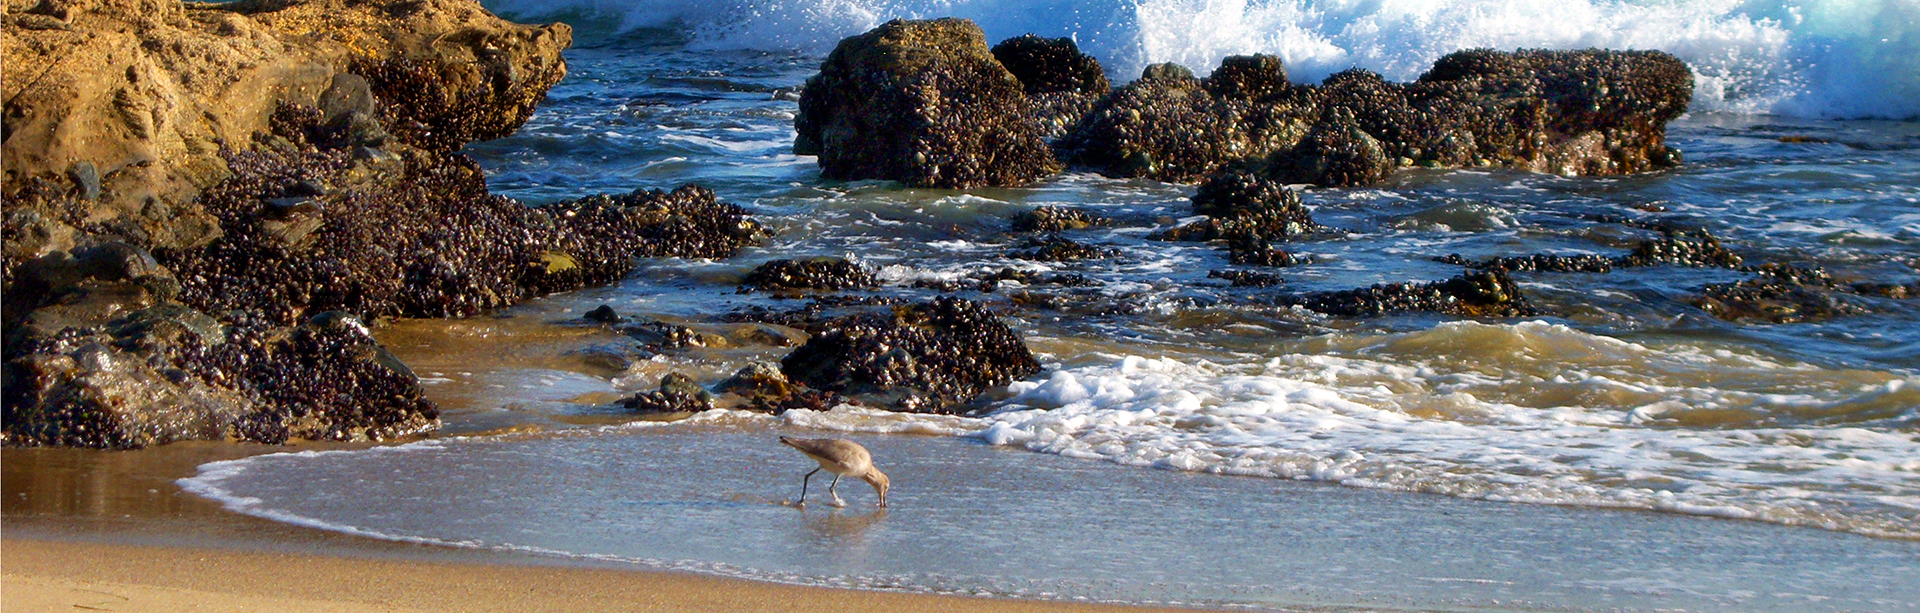 1x3W-Beach-880